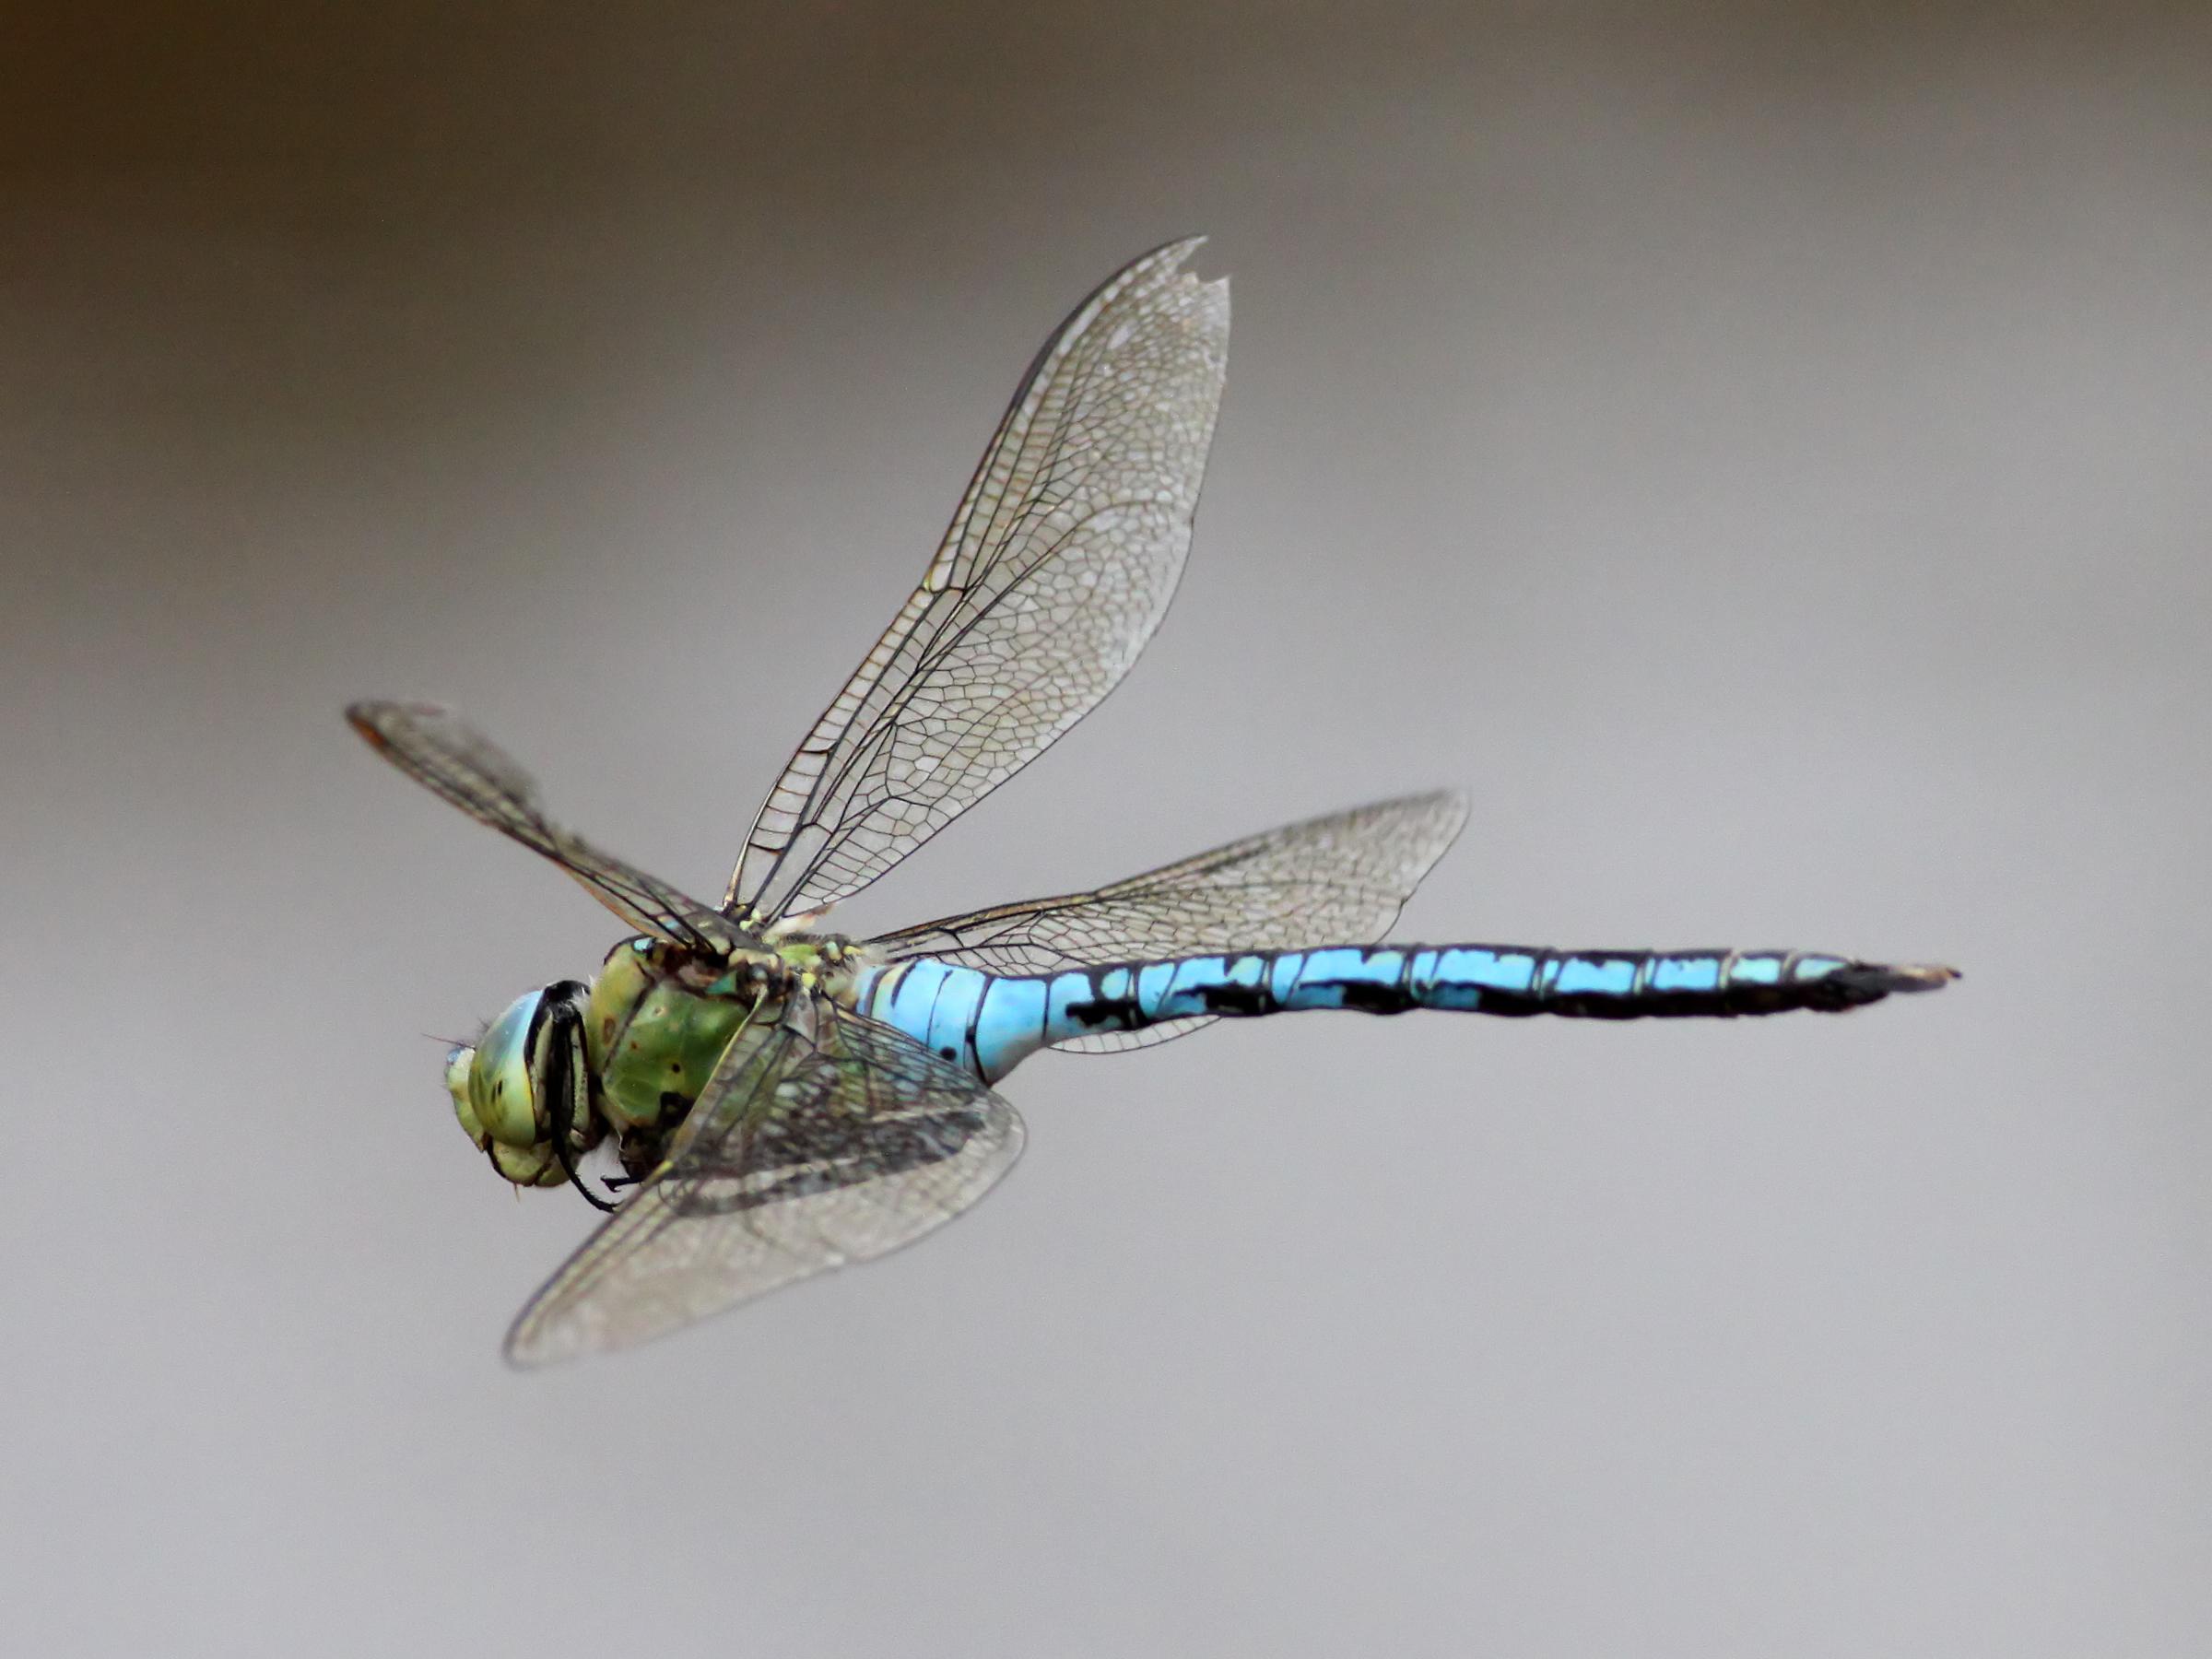 Chuồn chuồn đuôi xanh vỗ cánh bay đi